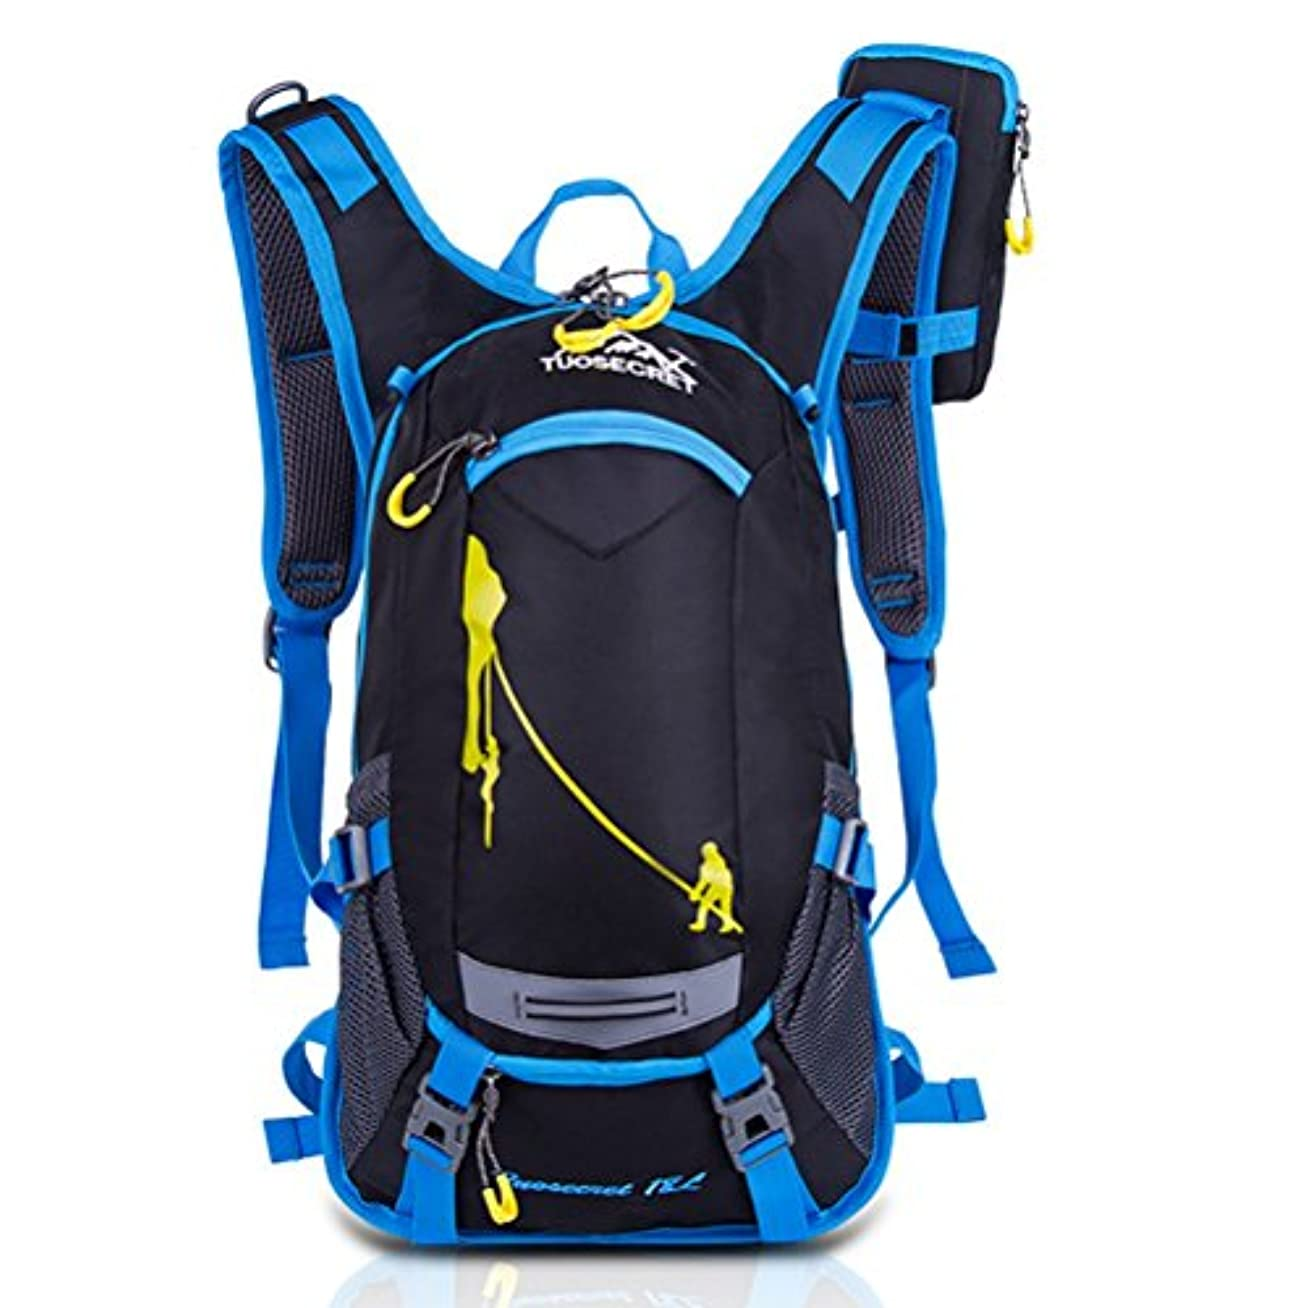 尋ねる精査する忌み嫌う自転車バッグ サイクリング バッグ 多機能サイクリングリュック 超軽量 防水 反射材付き ランリングバッグ